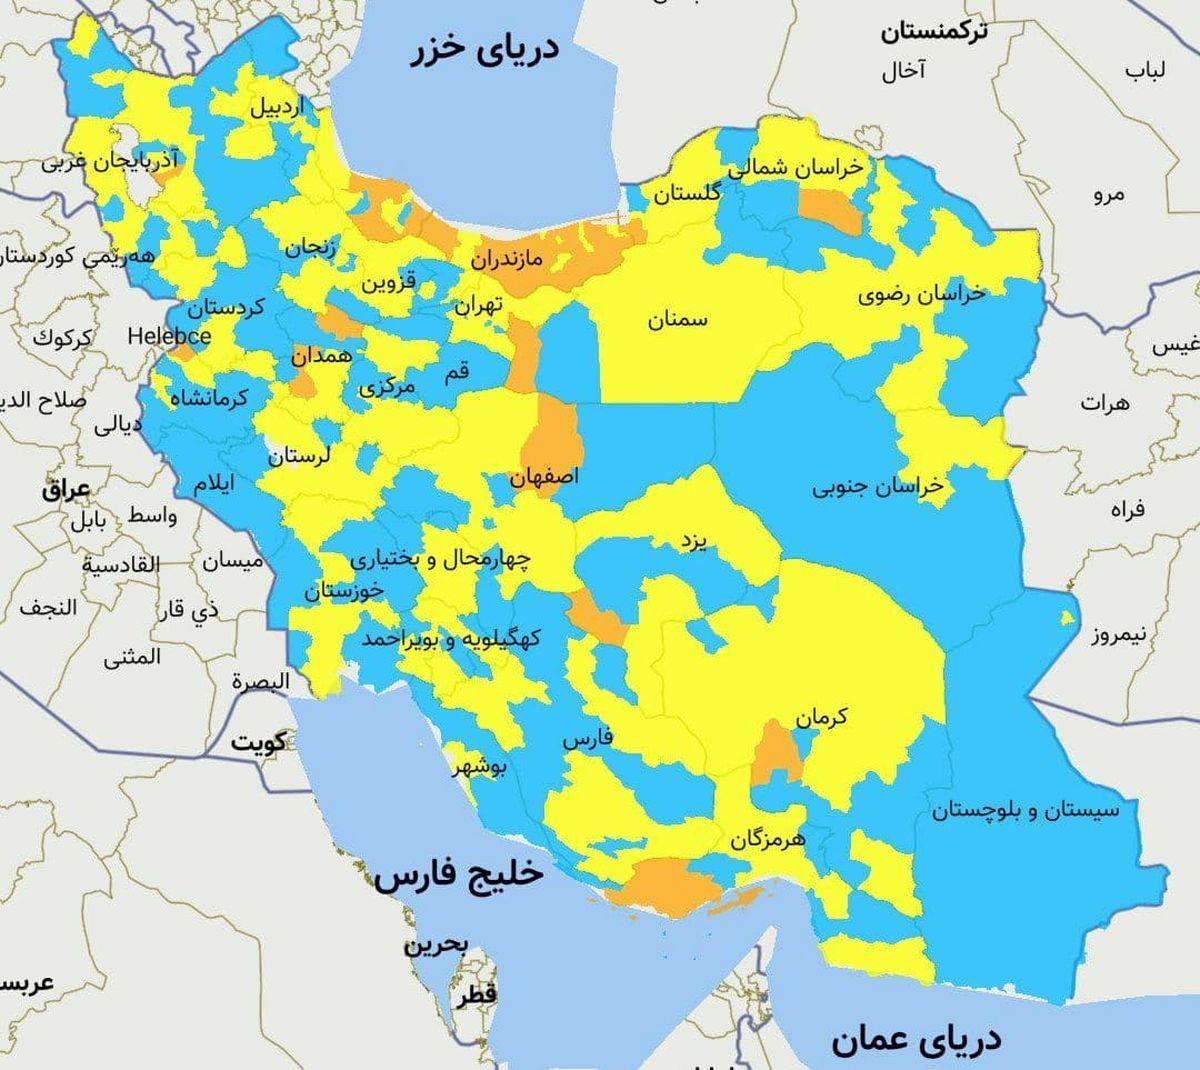 وزارت بهداشت رنگبندی جدید شهرستان های کشور را اعلام کرد